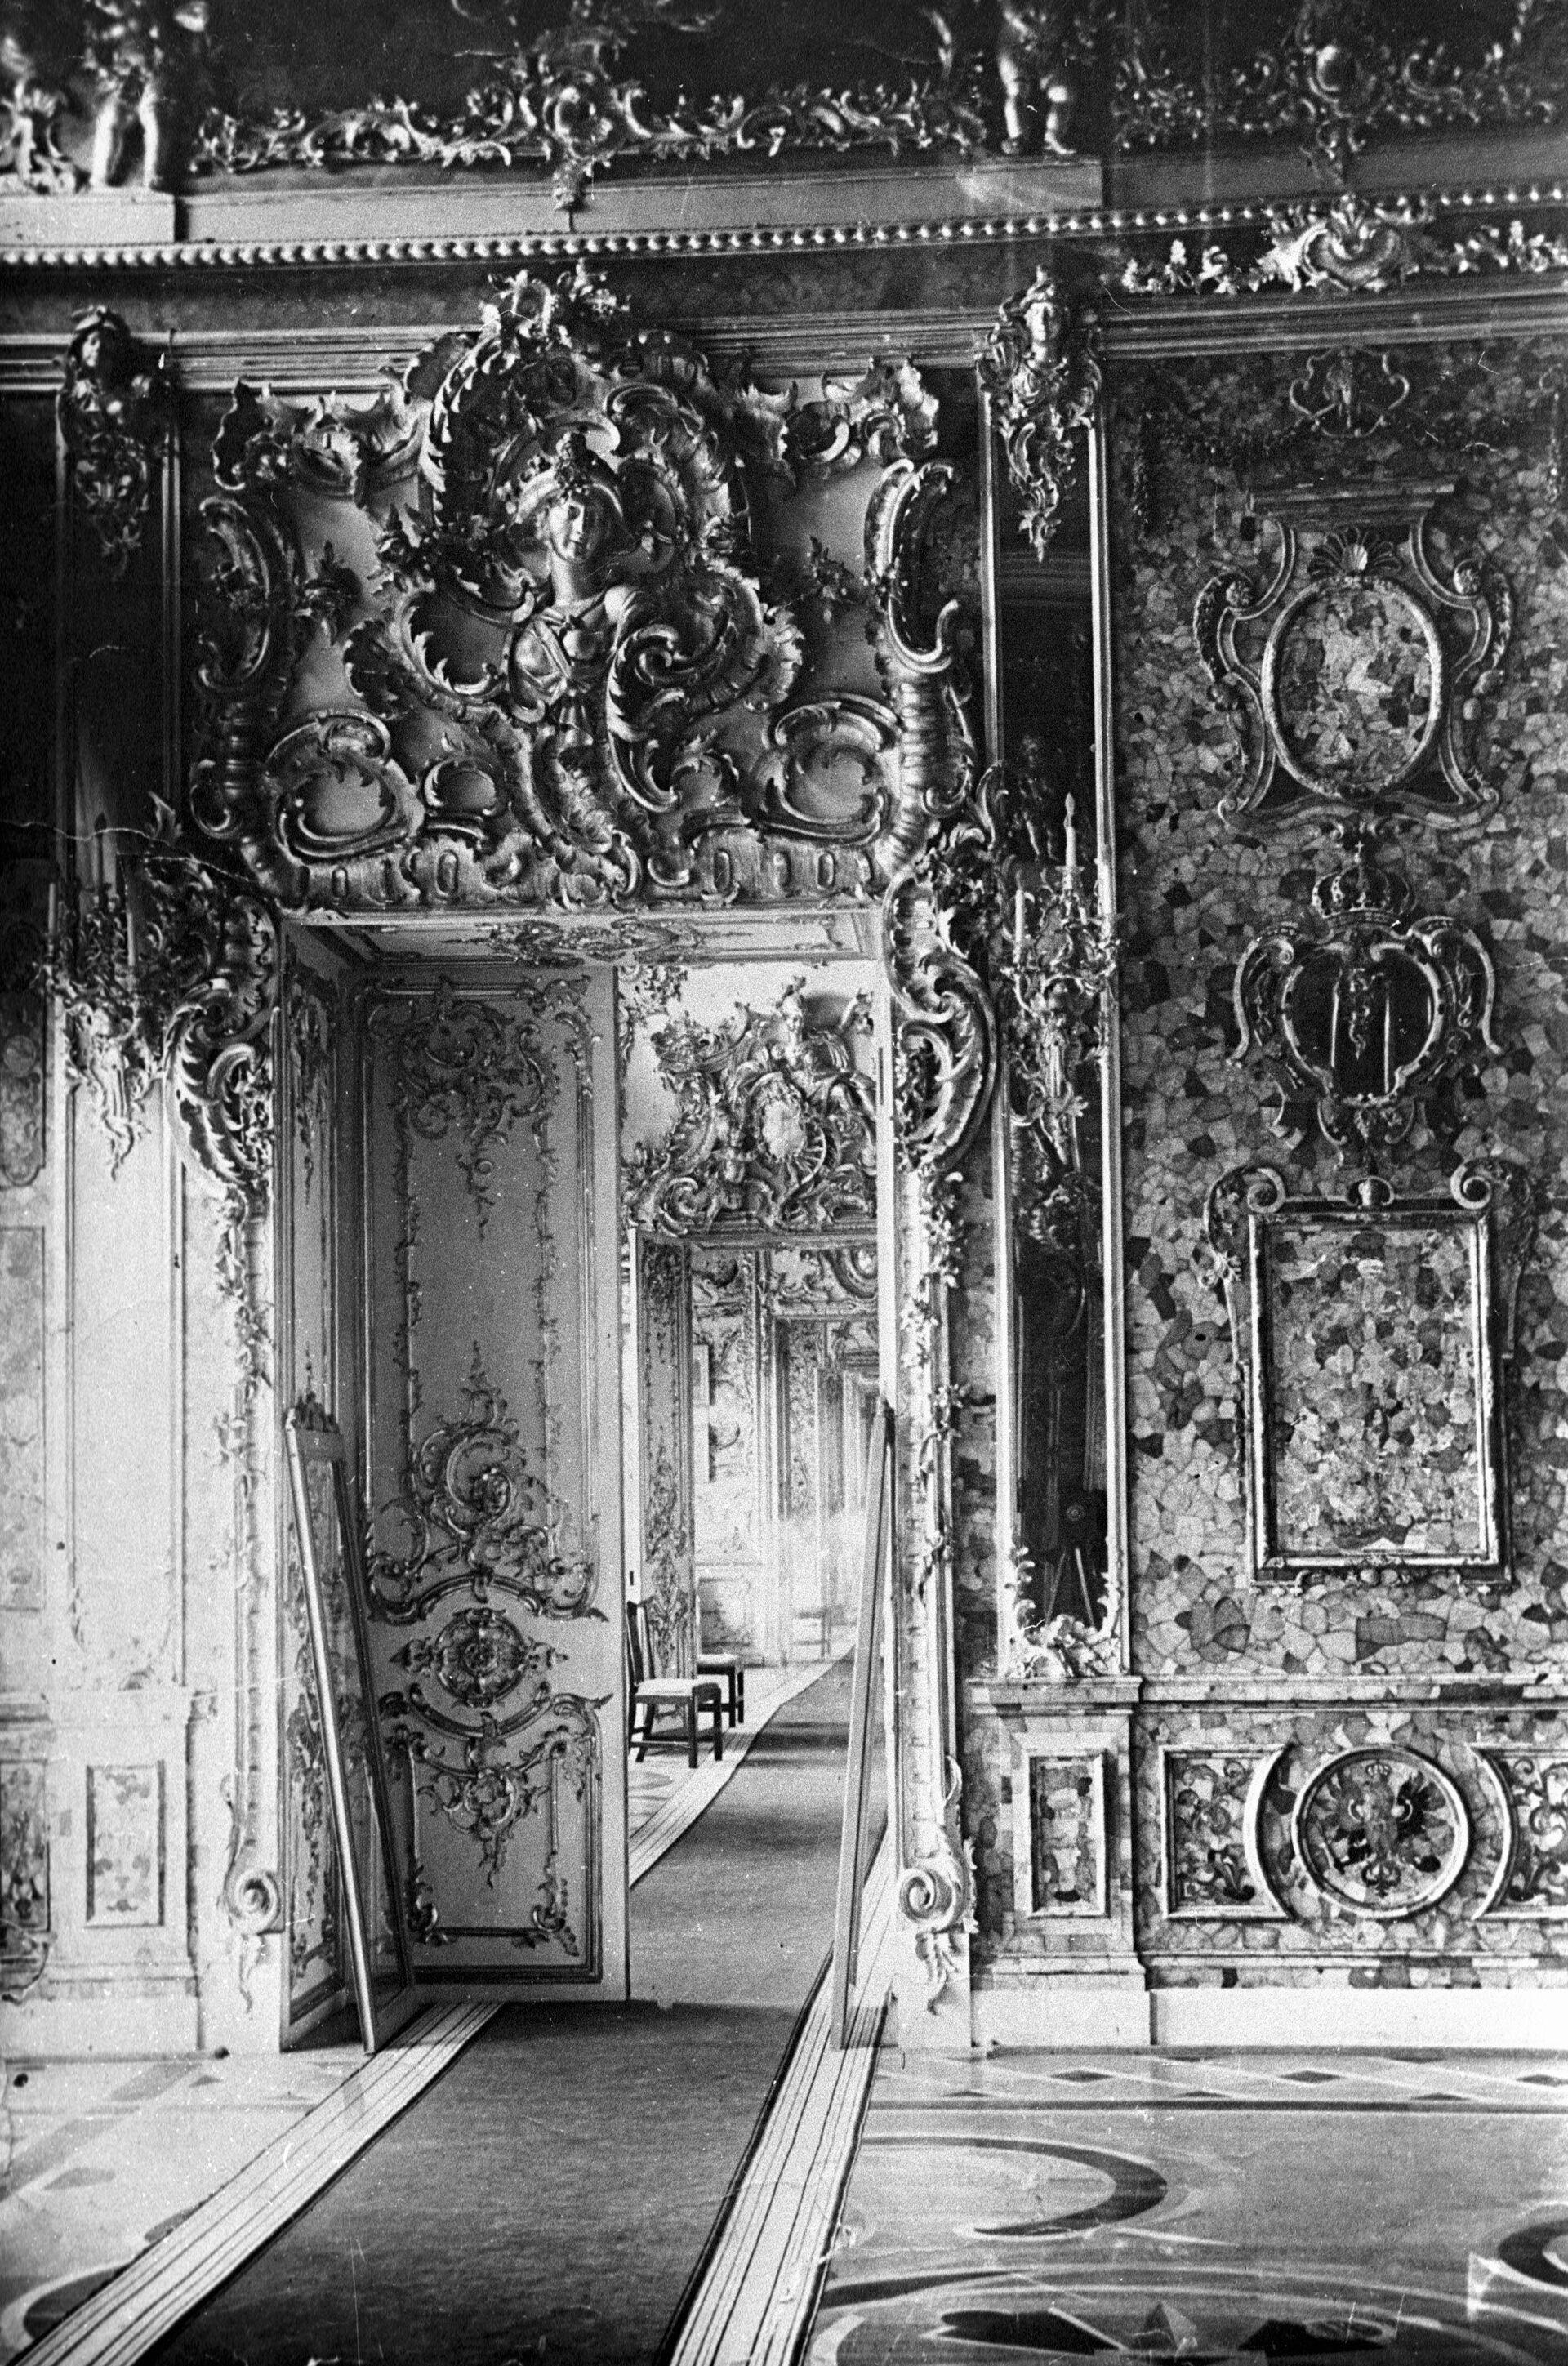 Янтарная комната - РИА Новости, 1920, 12.11.2020